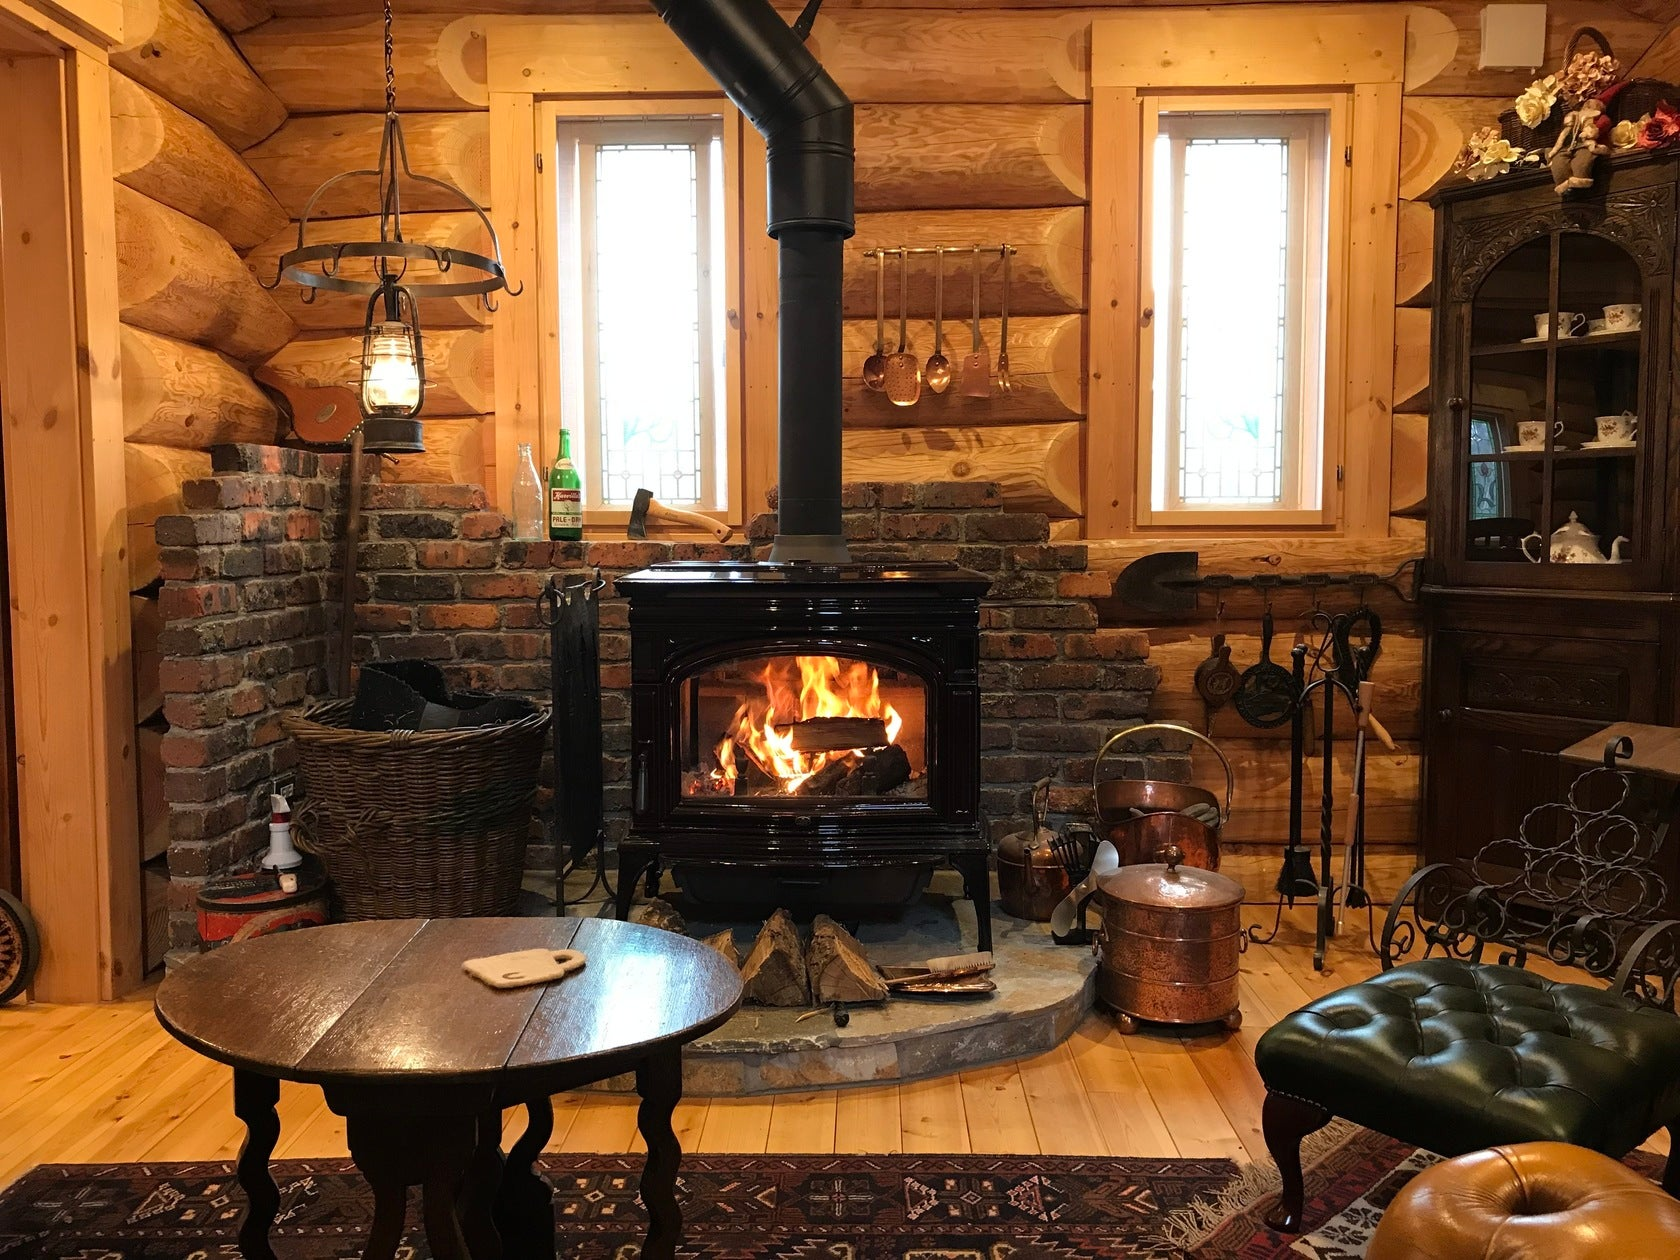 ログハウス住宅 アンティークの家具 薪ストーブ3台設置 の写真